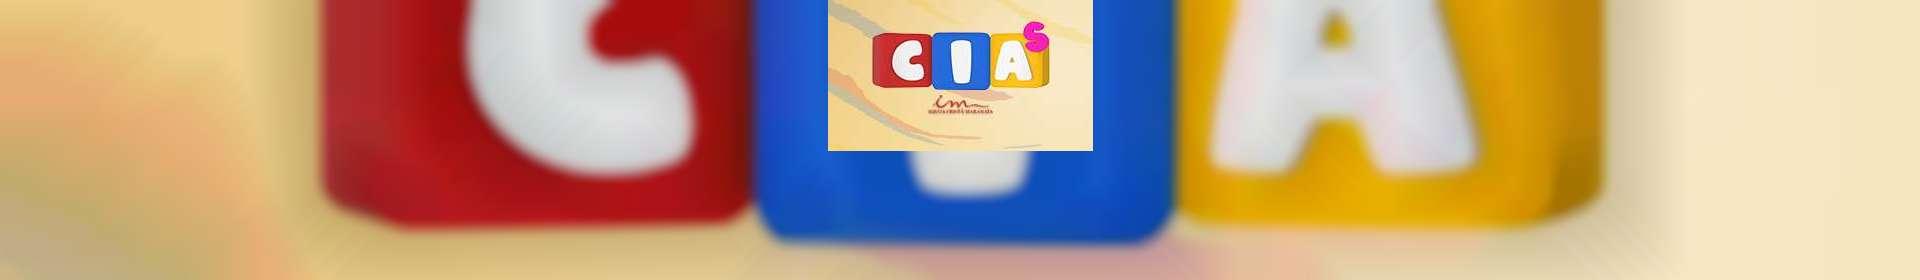 Aula de CIAS: classe de 11 a 15 anos - 16 de abril de 2020